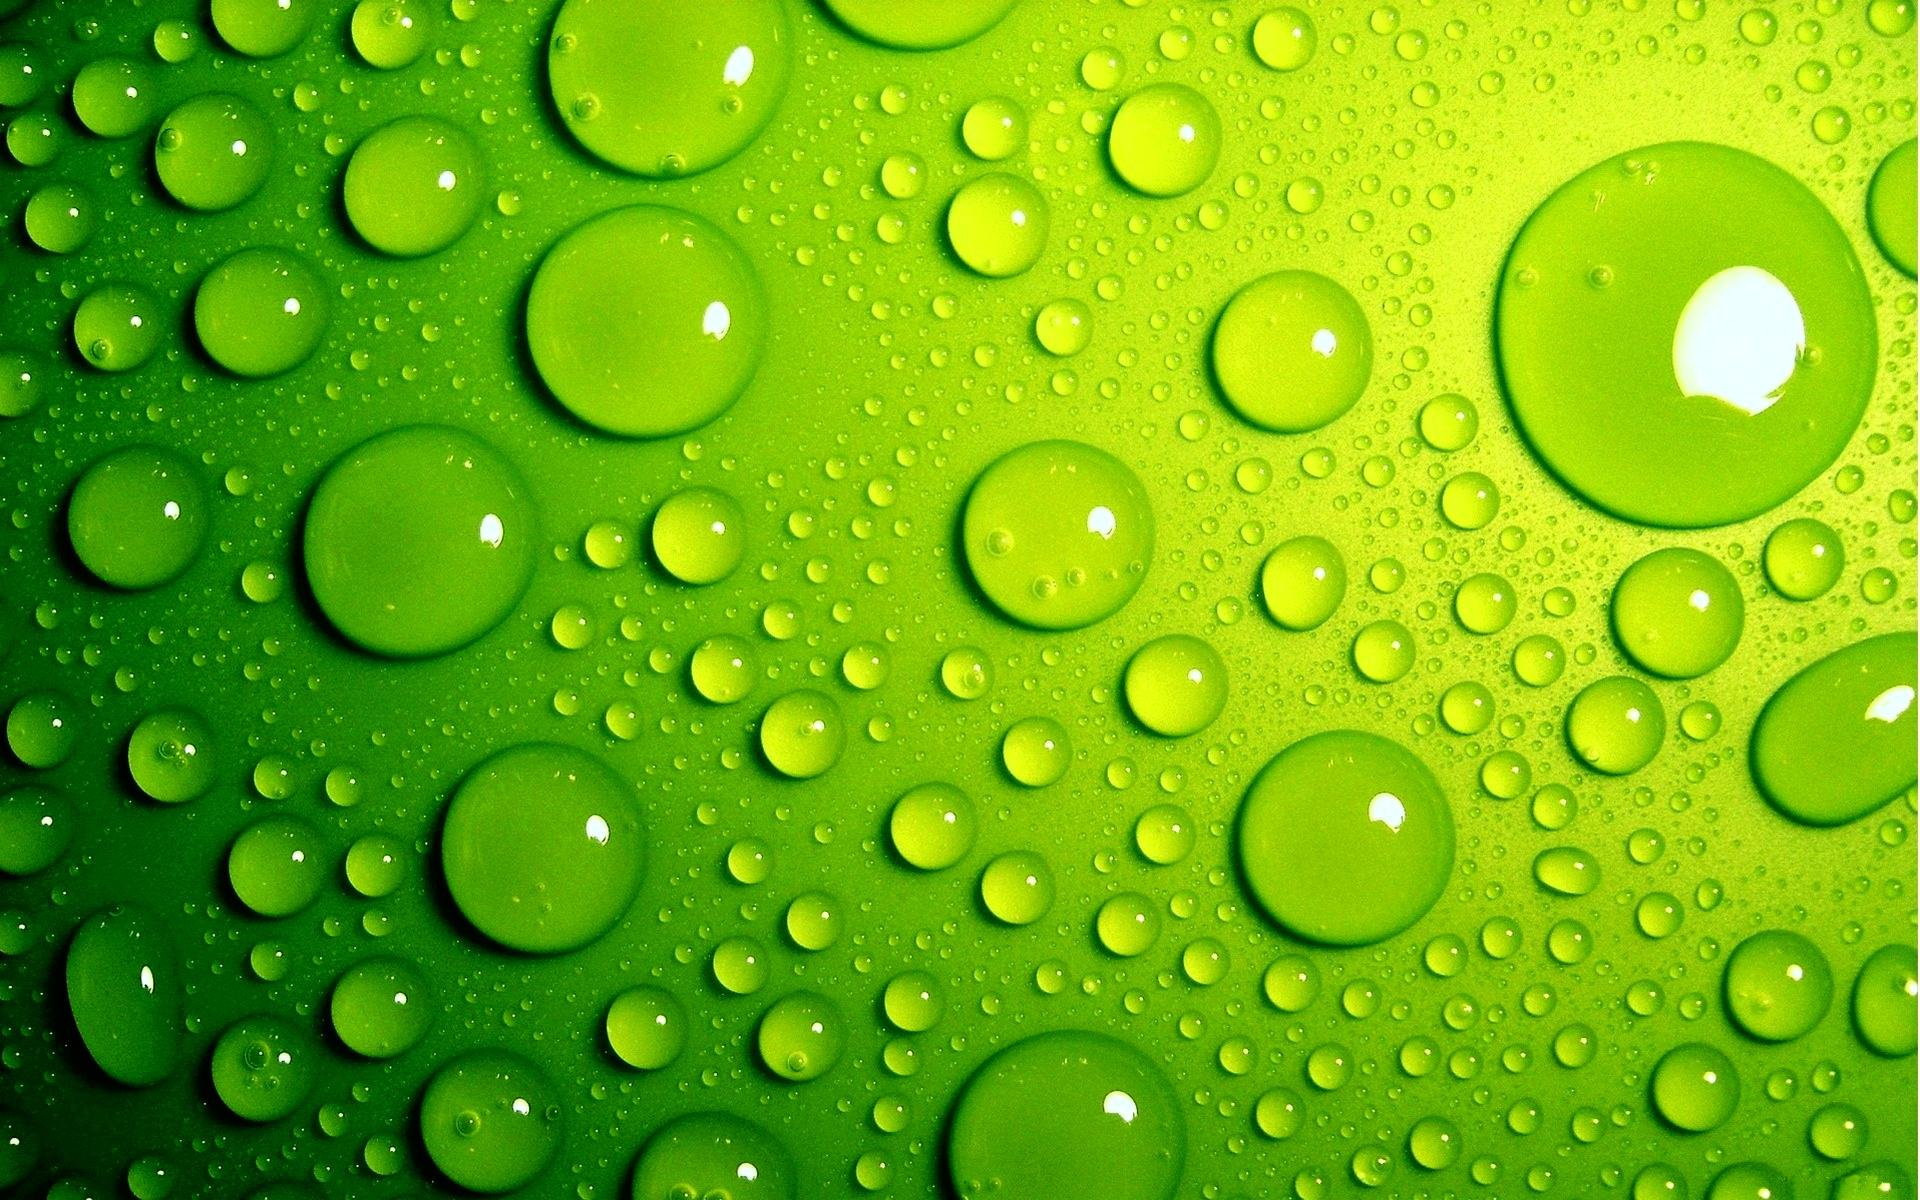 Green Bubbles